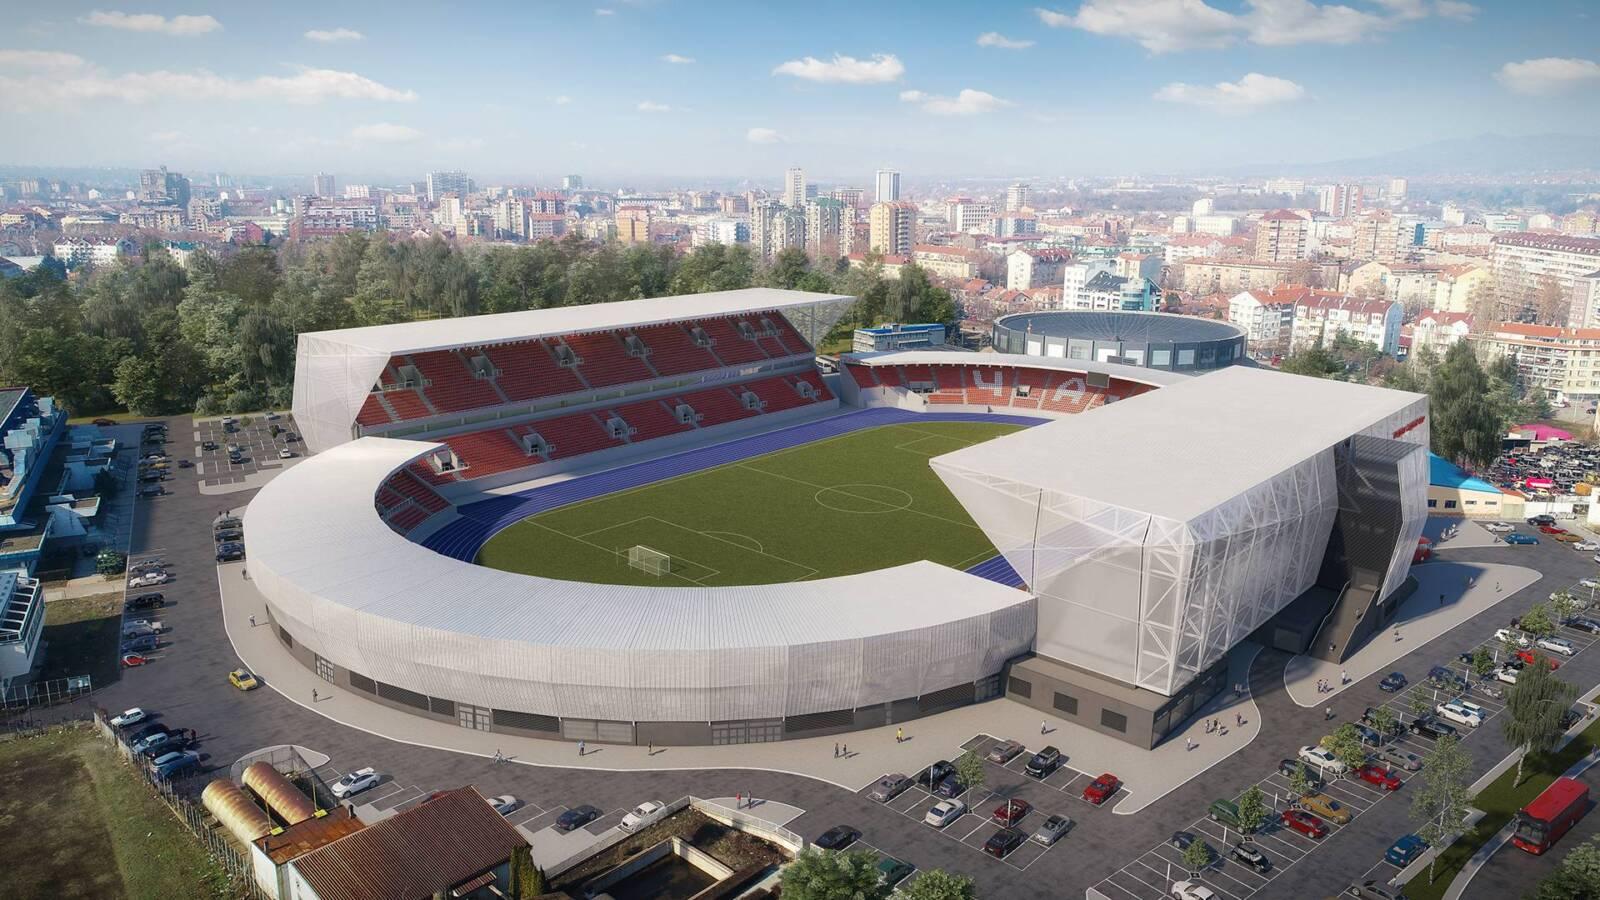 stadion-cair-slide-2